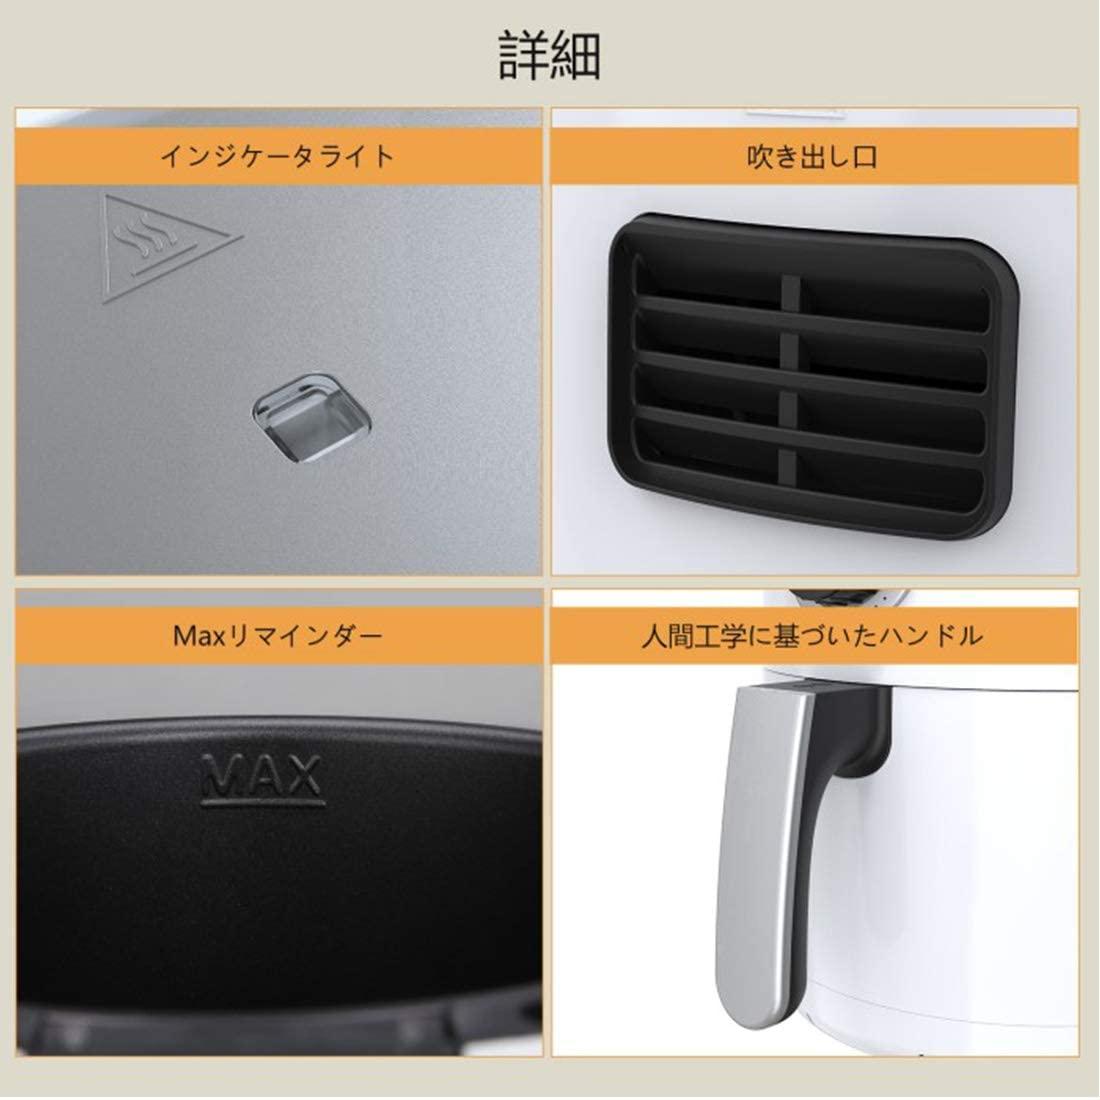 KONKA(コンカ)電気フライヤー 2.2L ホワイトの商品画像4